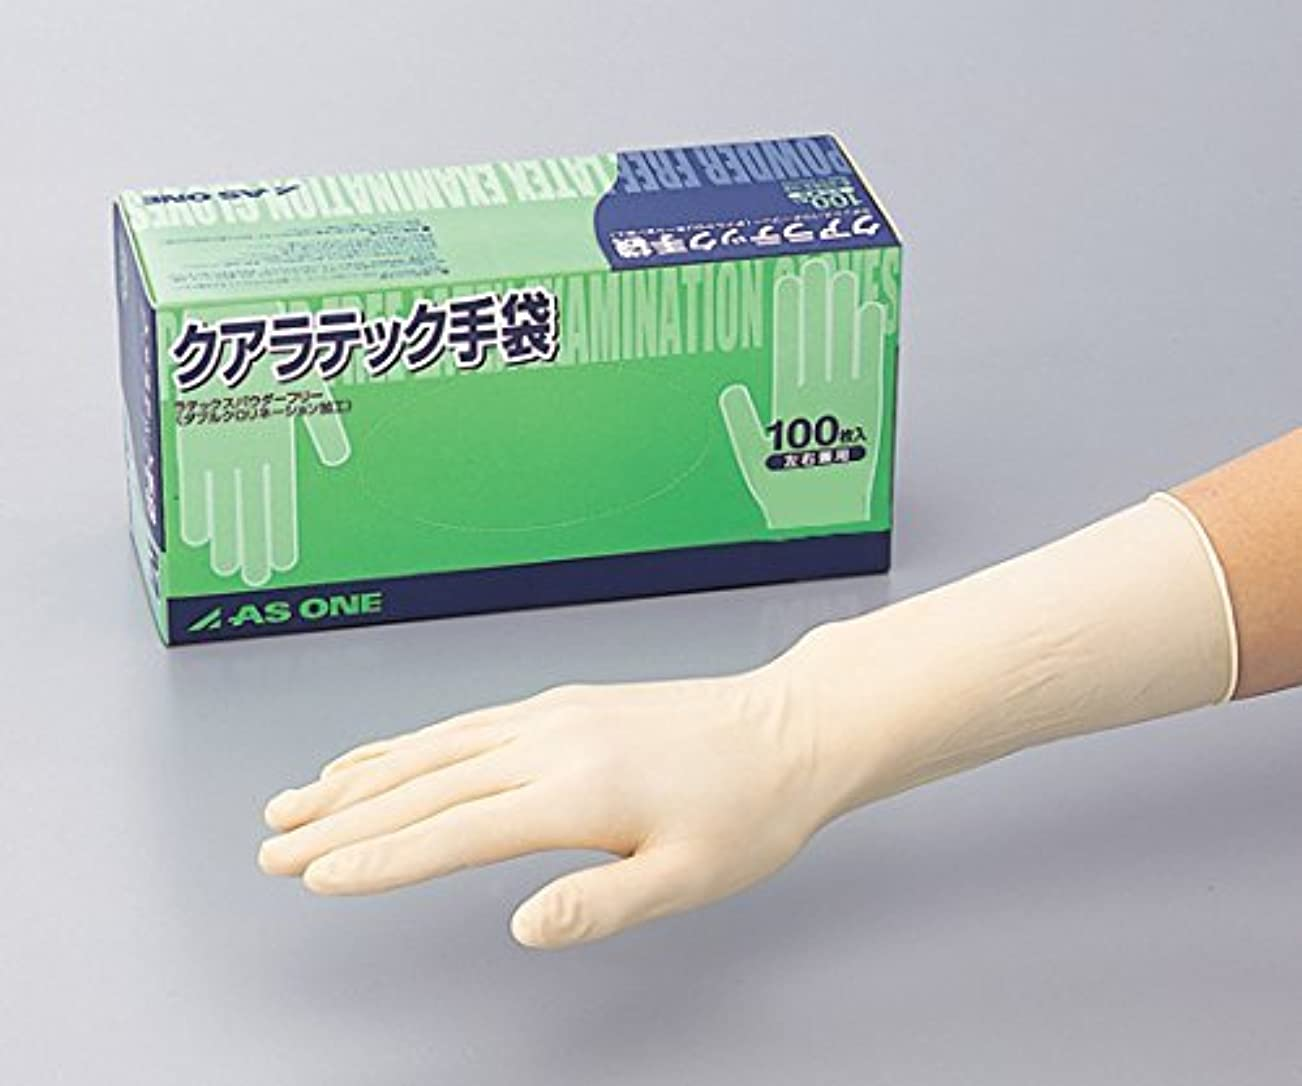 徹底講師後ろにアズワン8-4053-01クアラテック手袋(DXパウダーフリー)L1箱(100枚入)